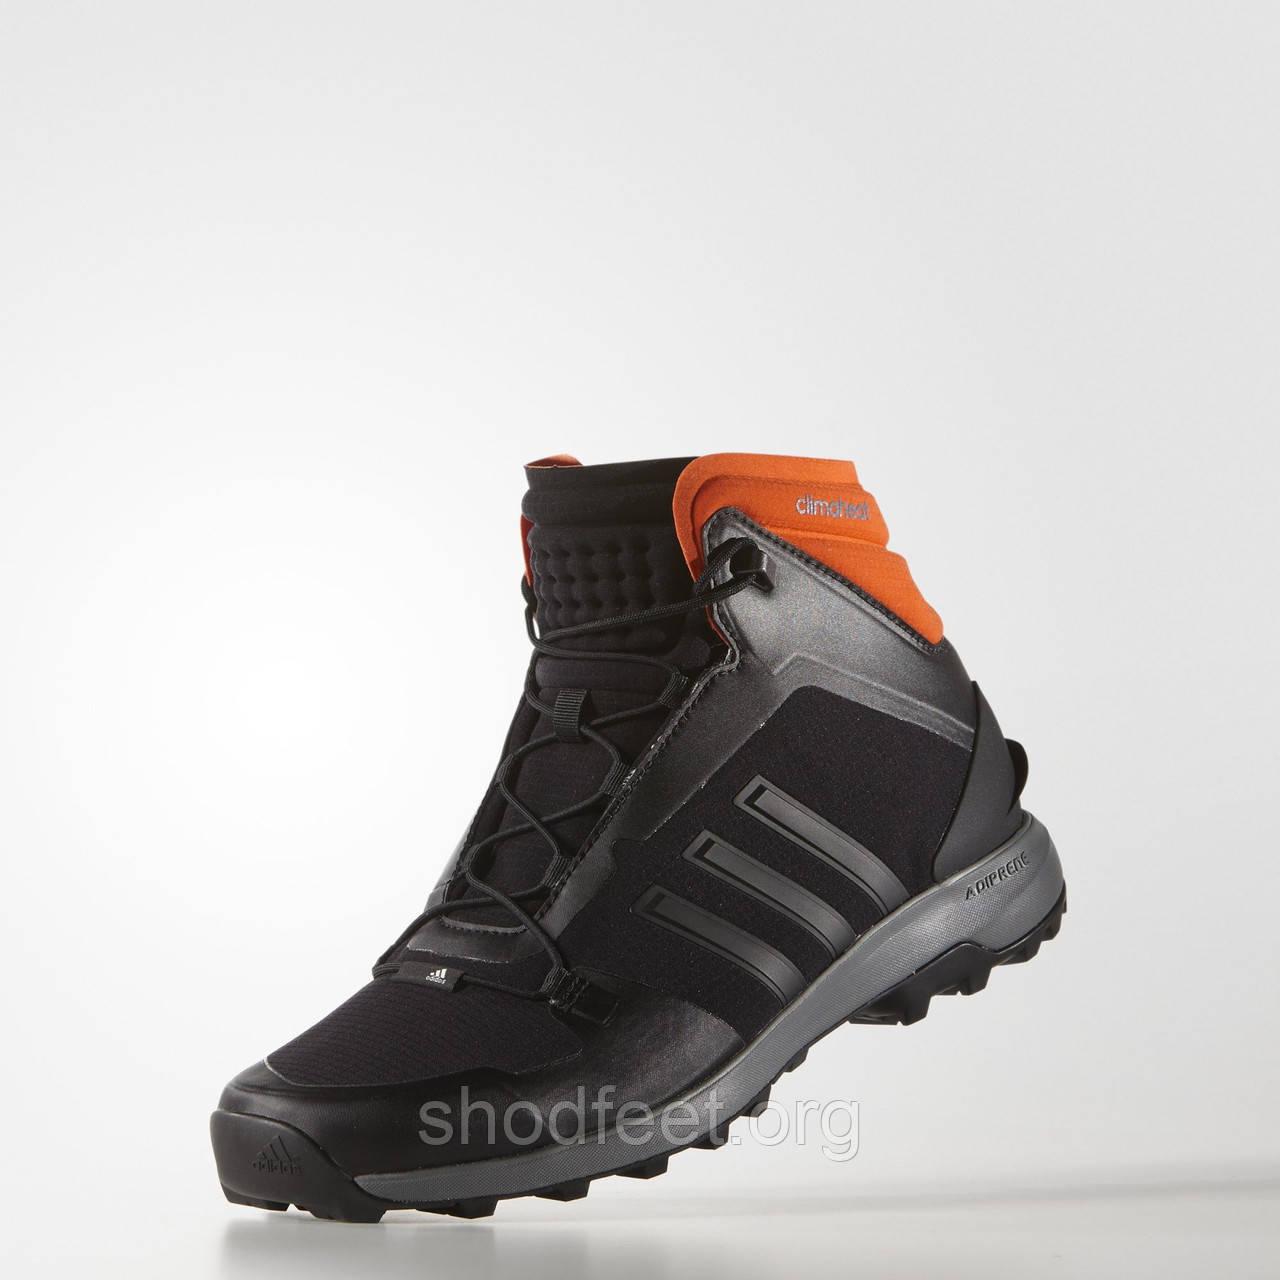 Ботинки Adidas CW Fastshell Mid B27311